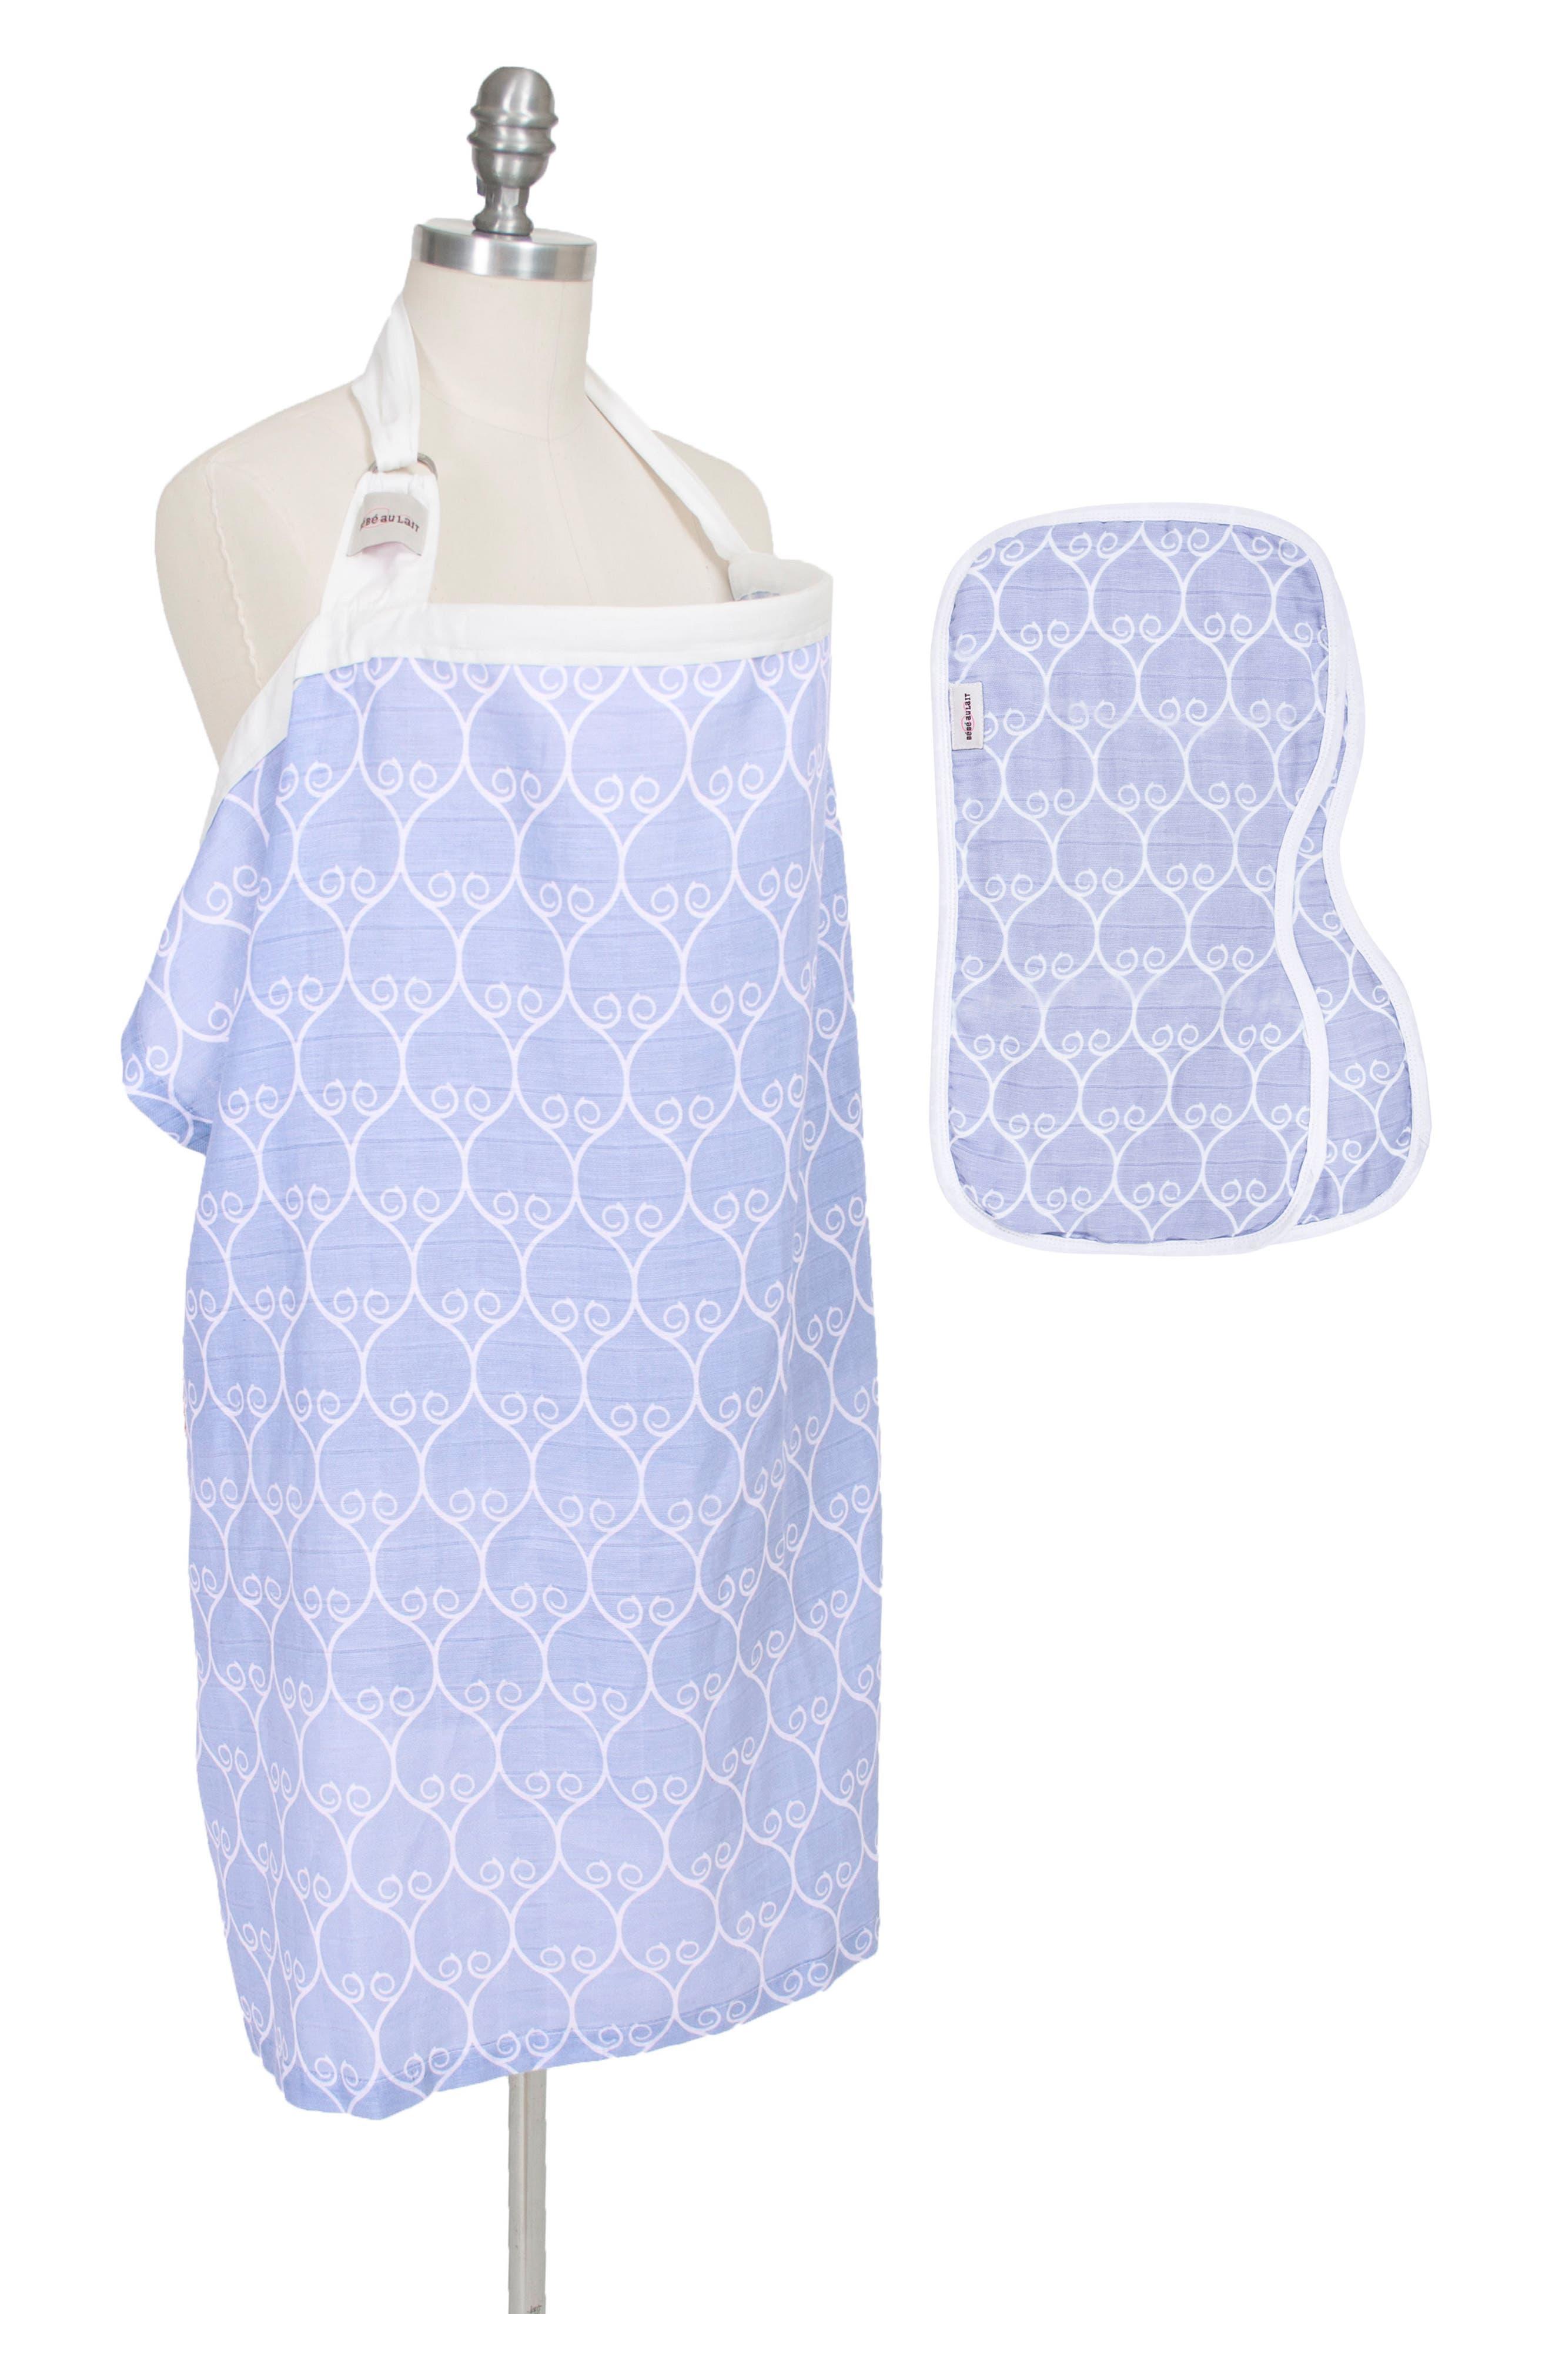 Nursing Cover & Burp Cloth Set,                         Main,                         color, 420